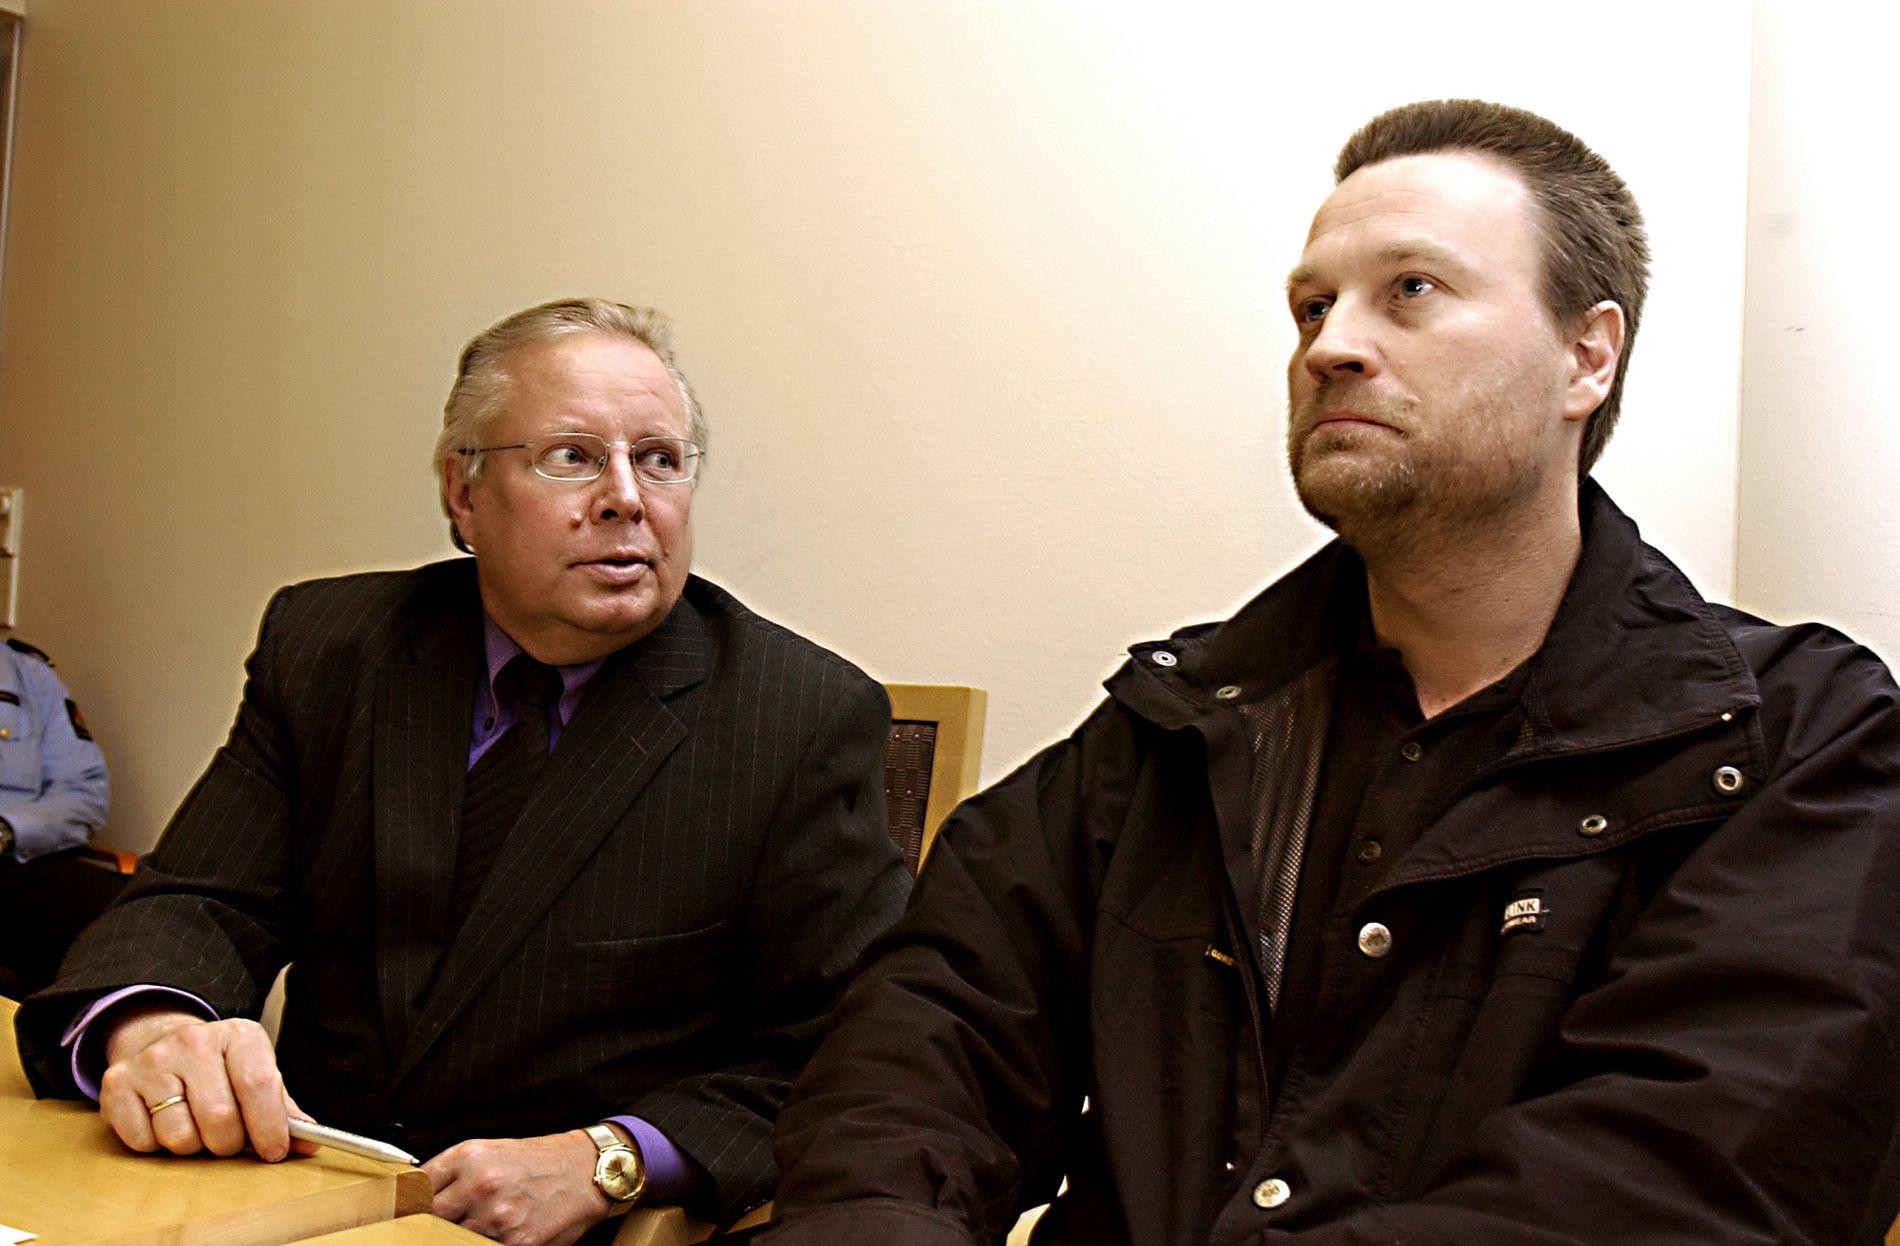 TIDLIGERE DRAPSDØMT: John Edvin Lie til høyre (da Johnny Olsen) i fengslingsmøte i 2004 sammen med sin forsvarer  Fridtjof Feydt.